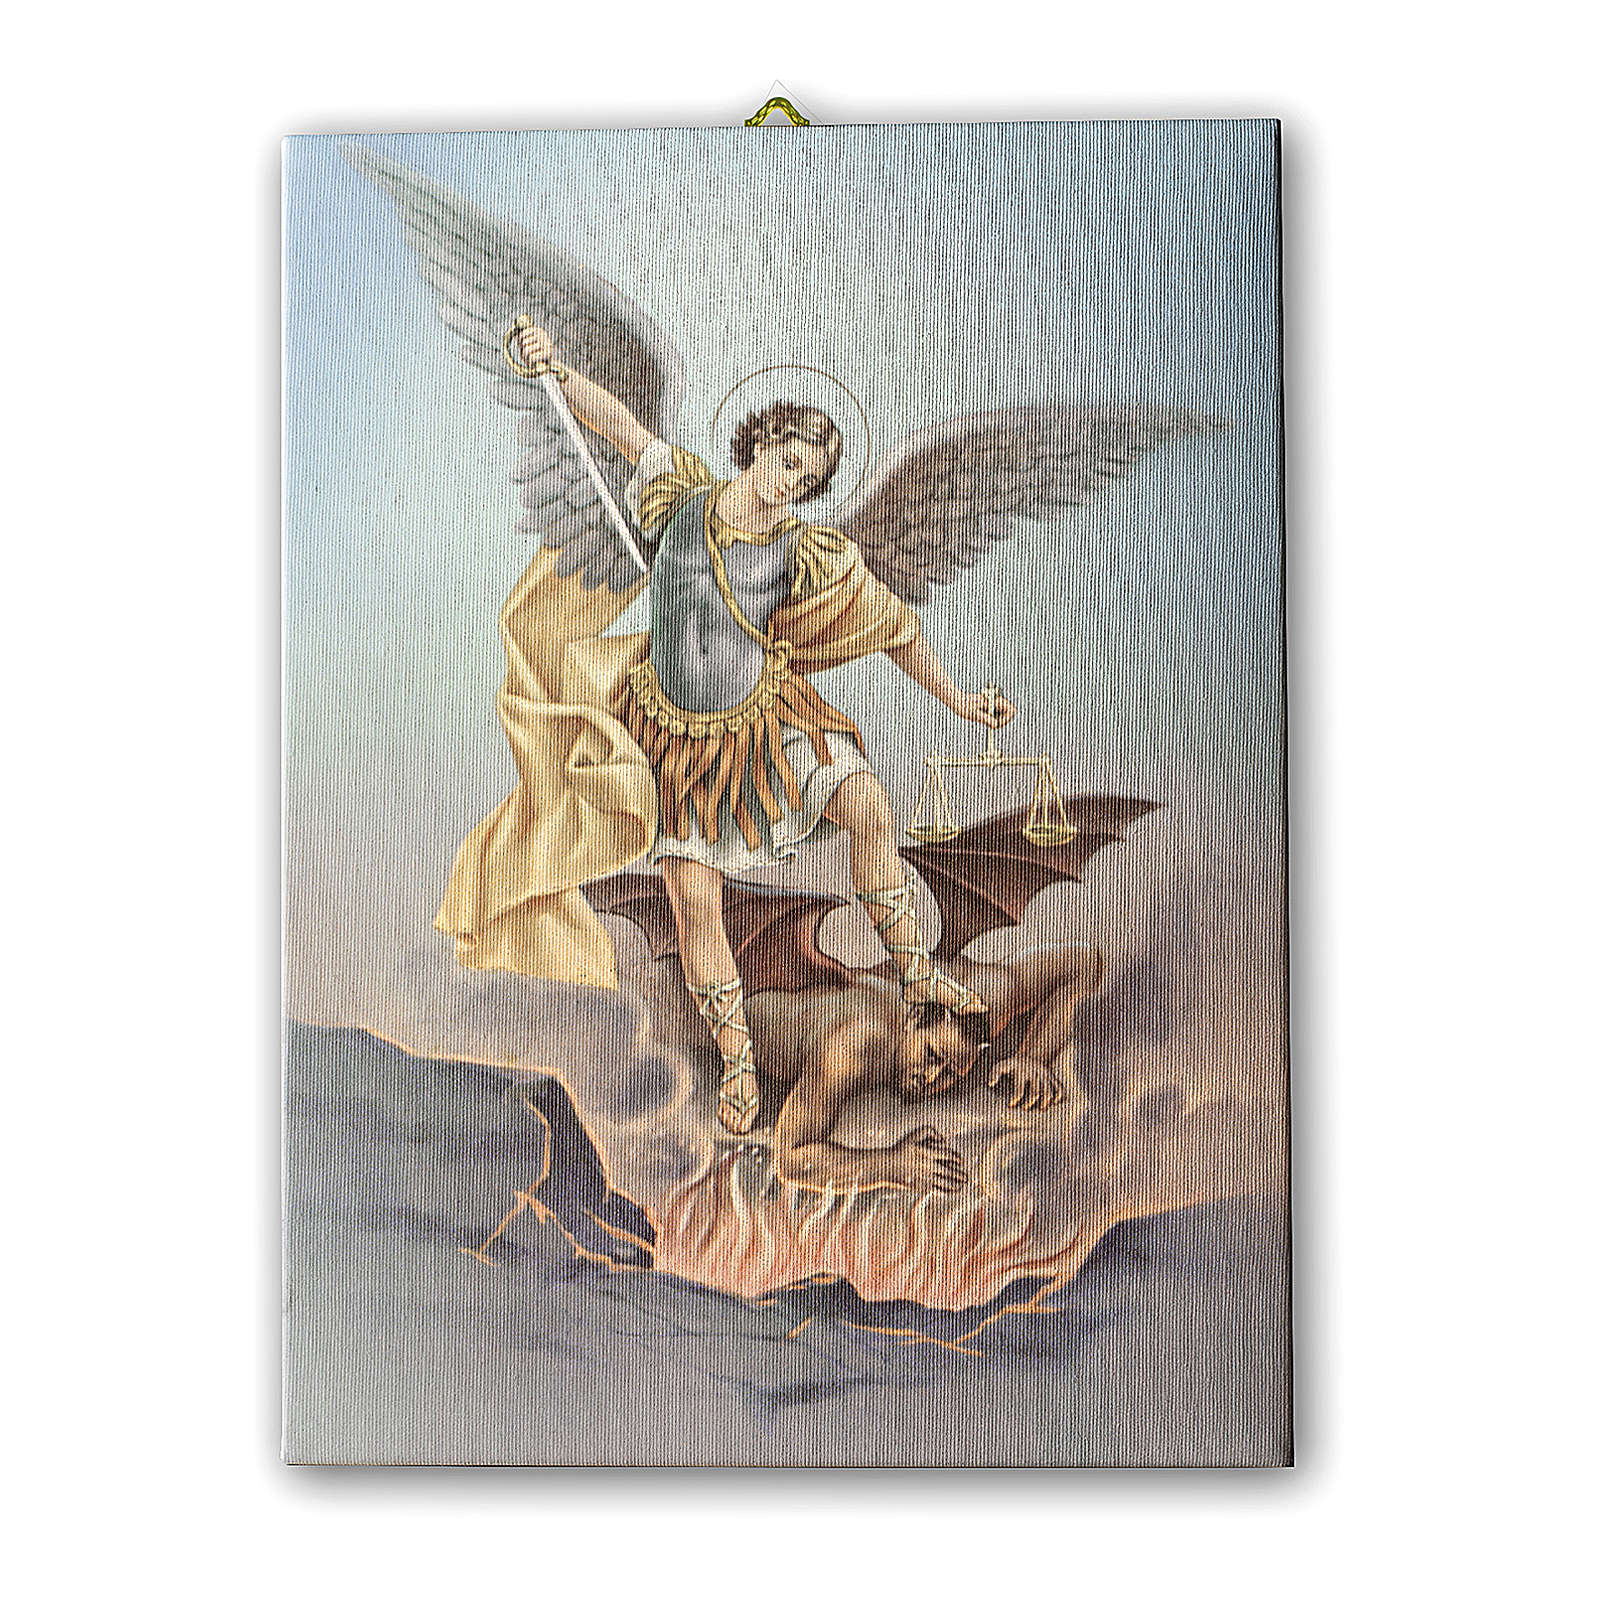 Painting on canvas Saint Michael Archangel 70x50 cm 3